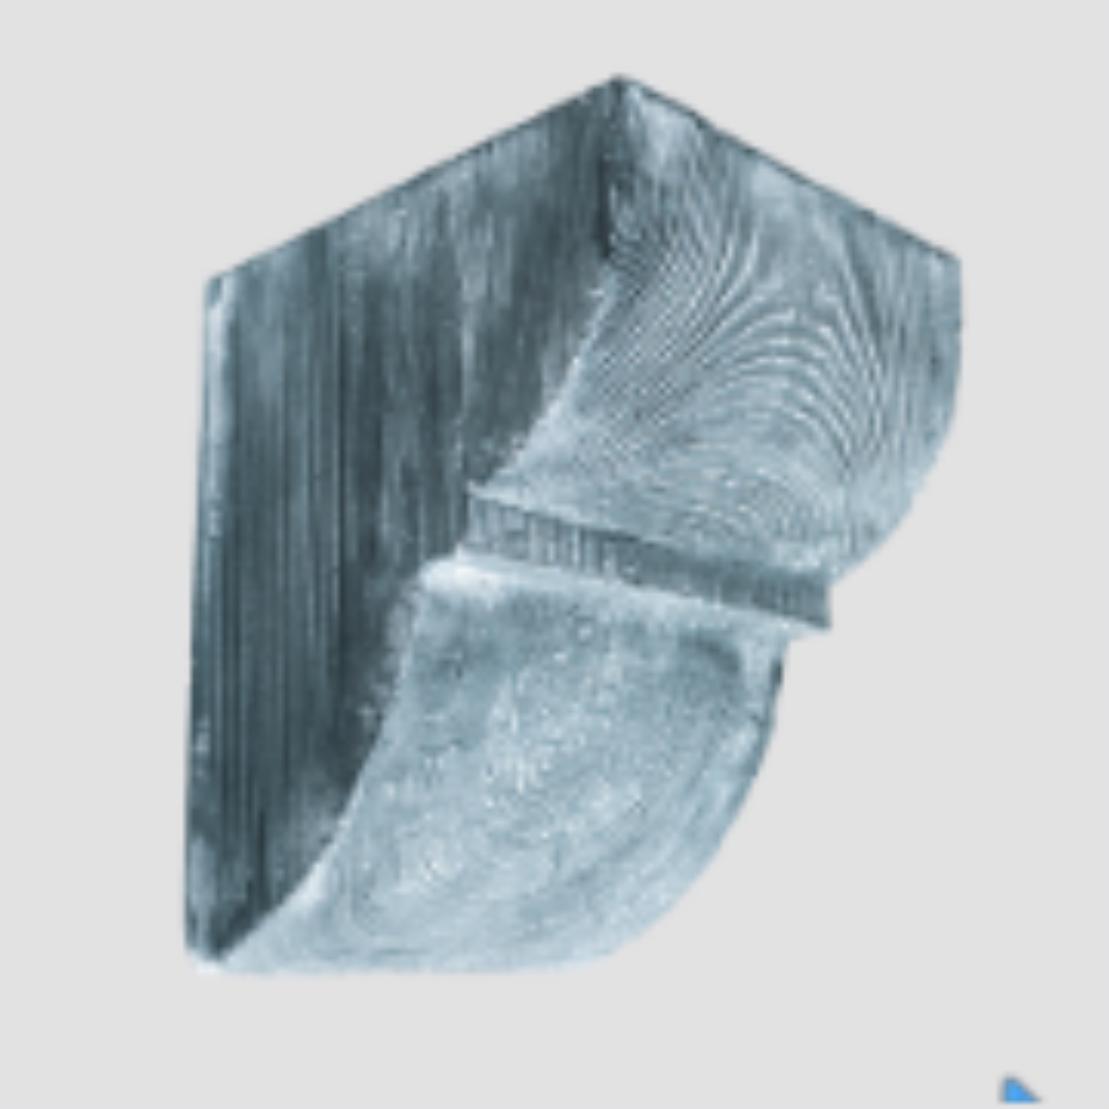 Консоль ED 017 classic сіра 6х9 , лепний декор із поліуретану